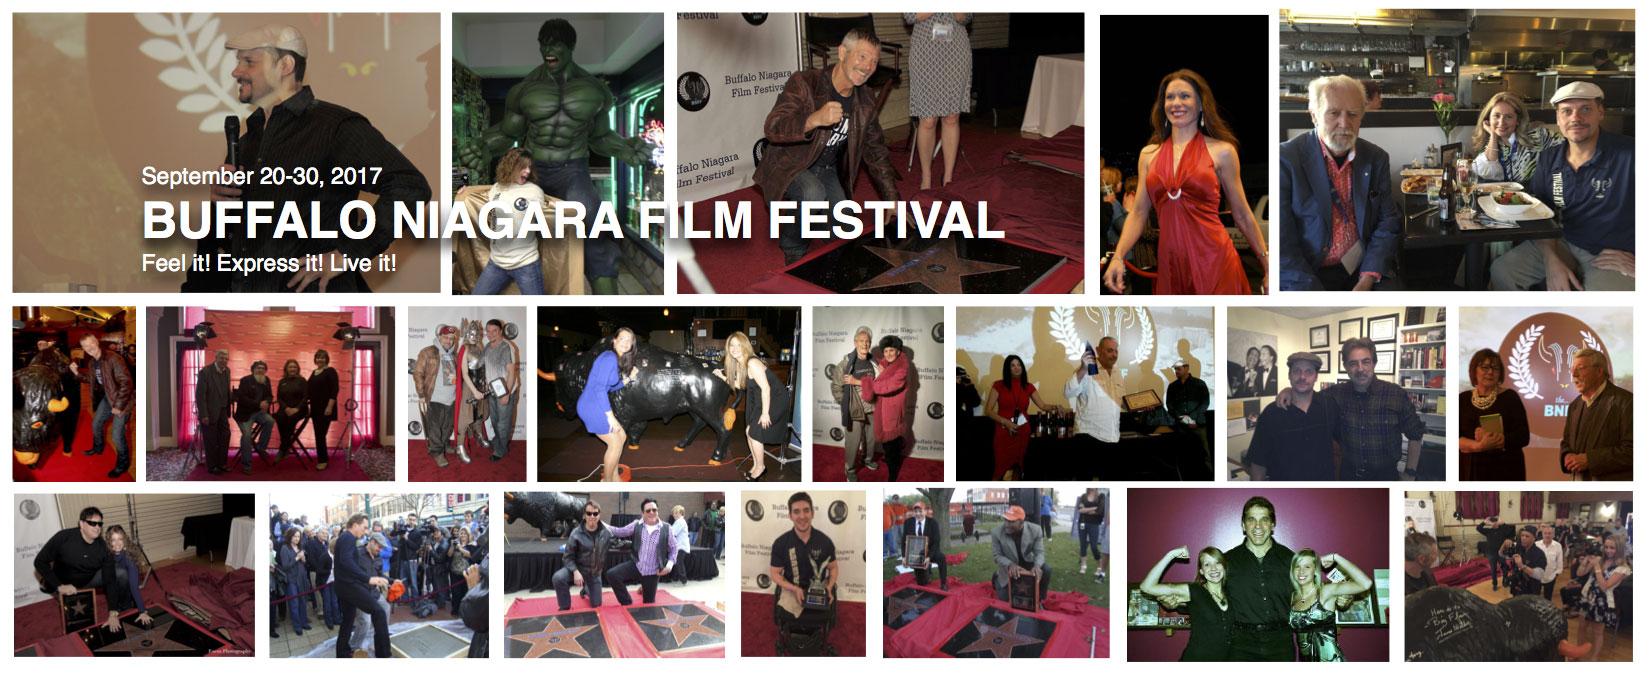 Buffalo Niagara International Film Festival - m.facebook.com